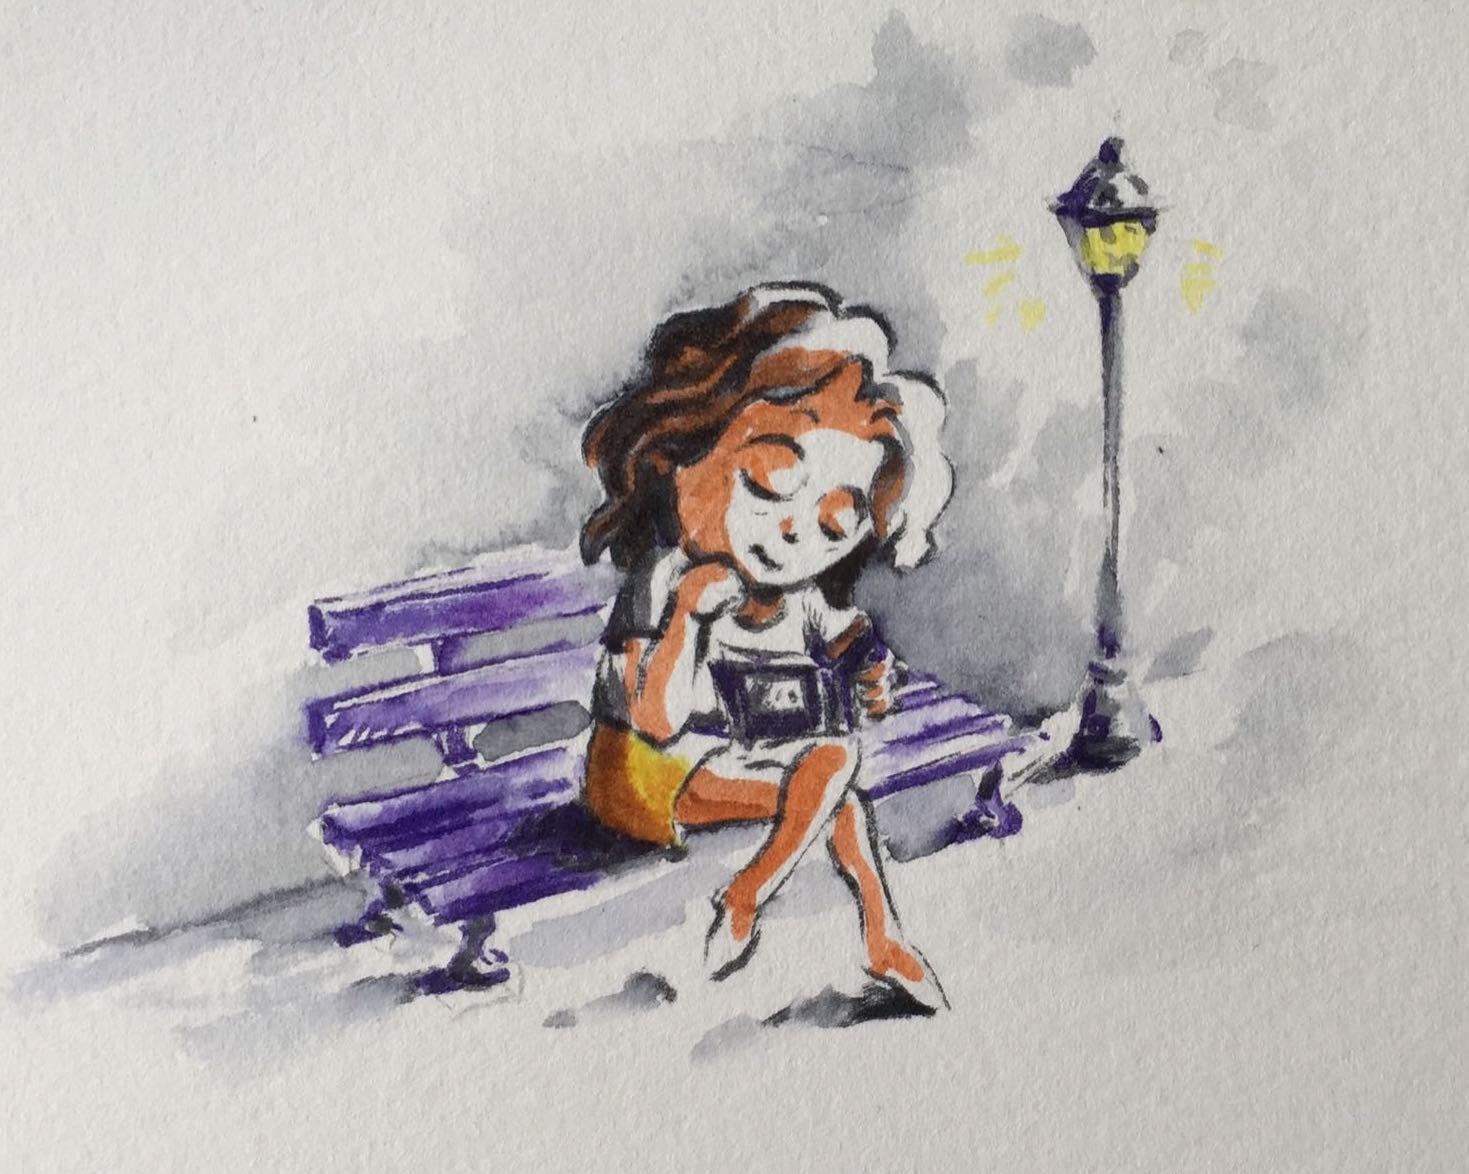 dd258db6ce Me encontré a mí misma de adolescente a la vuelta del trabajo. Eran las  nueve y doce en el reloj de mi bicicleta. Hacía un fresco y veraniego  anochecer en ...